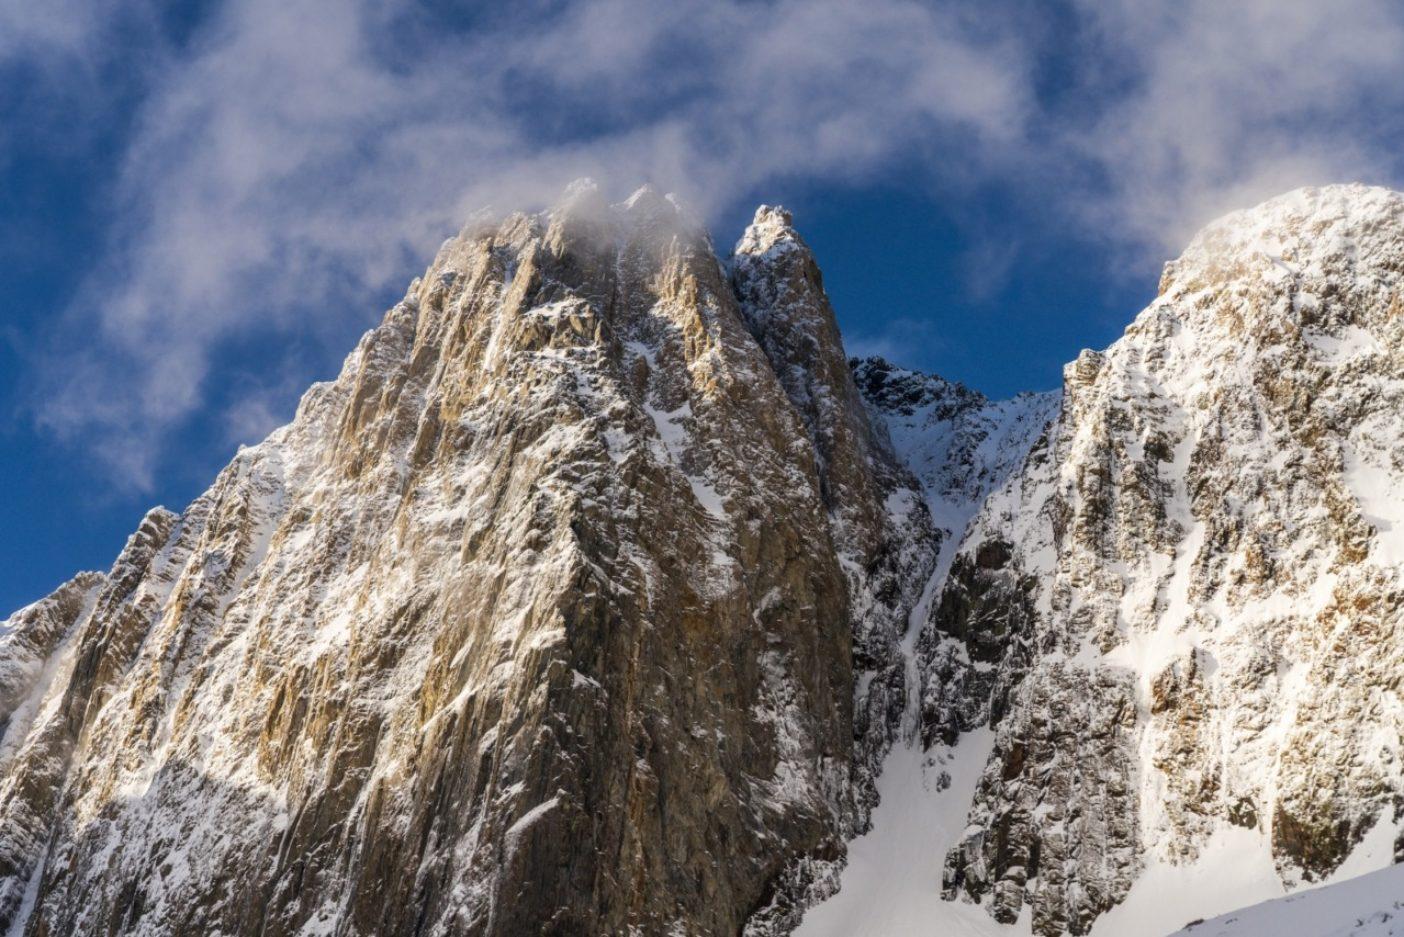 モリソン山の北東壁にある「死の岩溝」と呼ばれるY字ラインと氷瀑を含む全景。ニック・ラッセルとクリスチャン・ポンデラが制覇するまで、初滑降の記録は存在しない。しかしラッセルはそれを「初」と呼ぶことに慎重だ。「90年代にどこかの強者がソロでそれをやり遂げていた可能性がないともかぎらない」からだ。写真:クリスチャン・ポンデラ